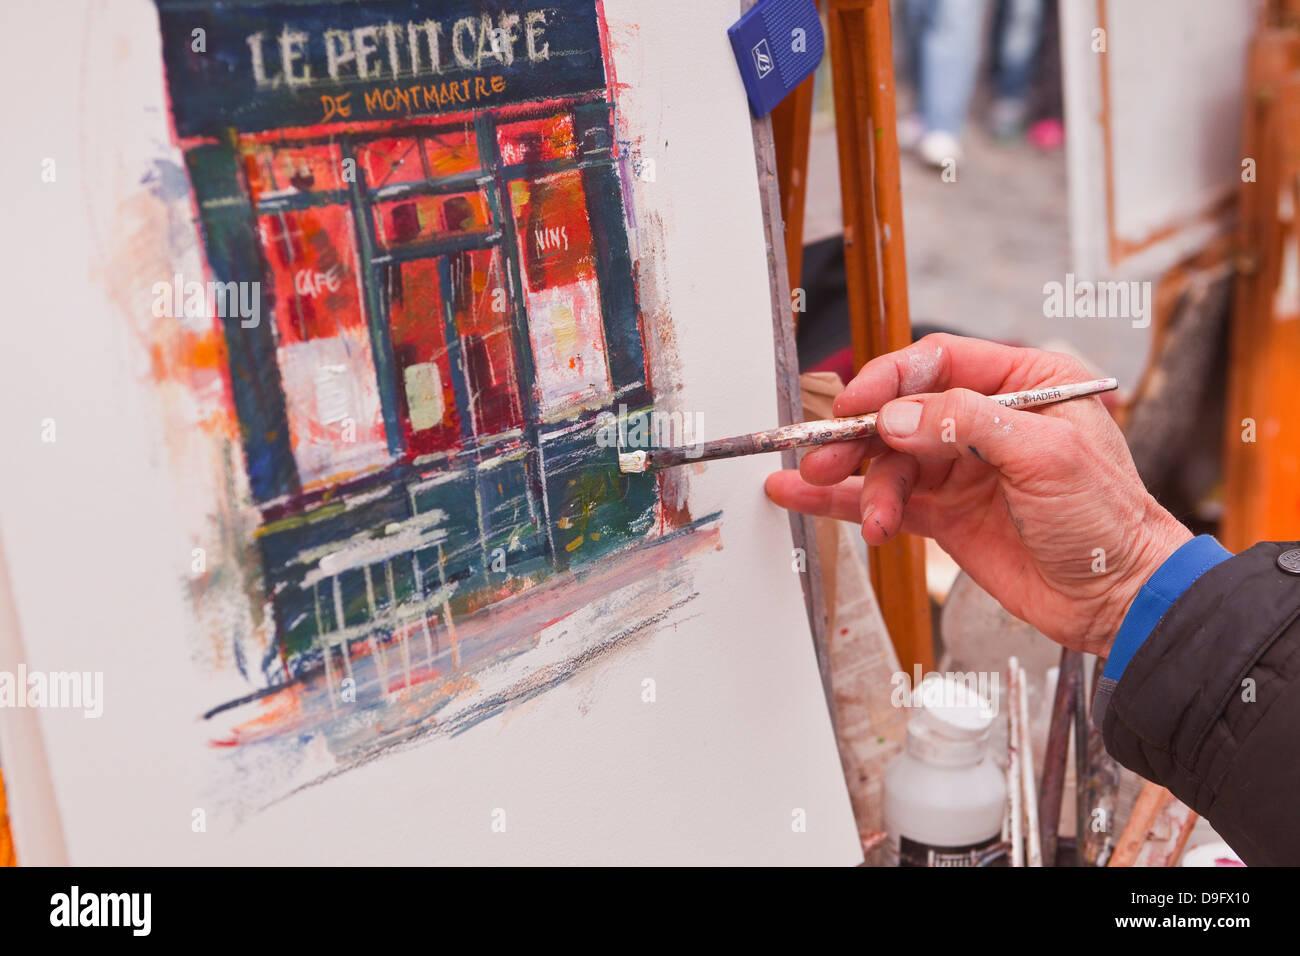 Eine Straße Künstler bei der Arbeit in die berühmten Place du Tertre in Montmartre, Paris, Frankreich Stockbild